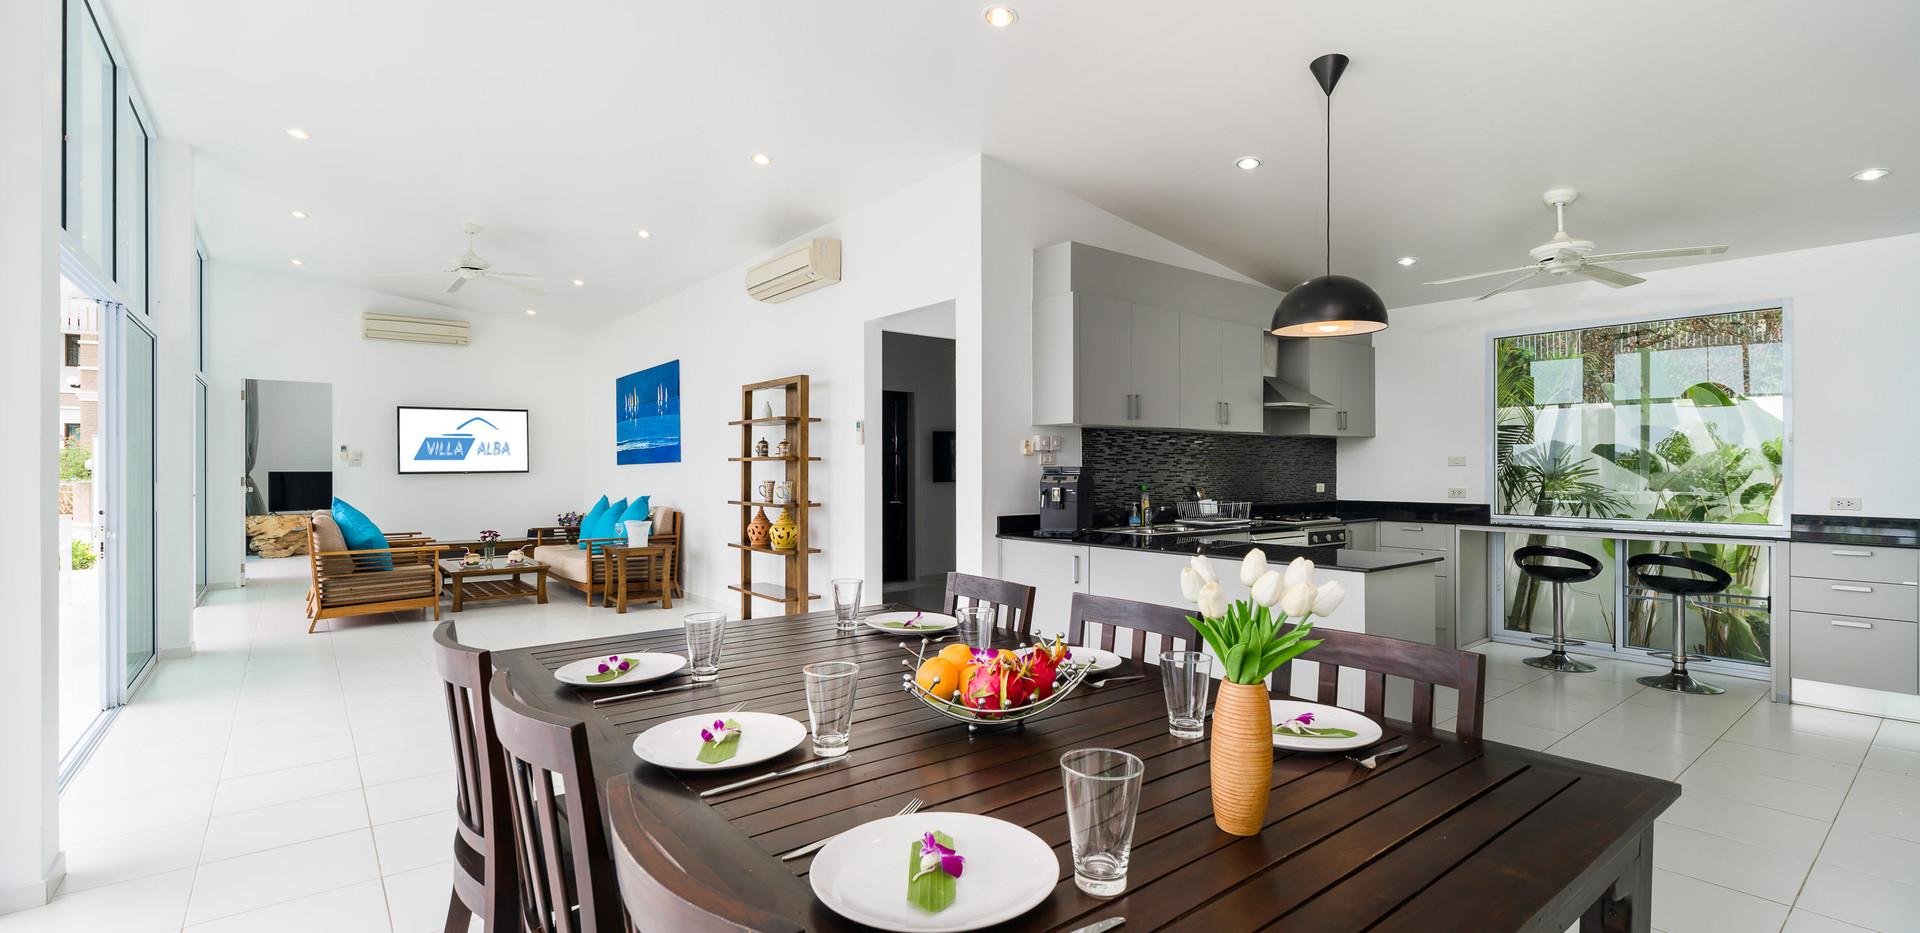 Villa Alba - Living Space 1.jpg